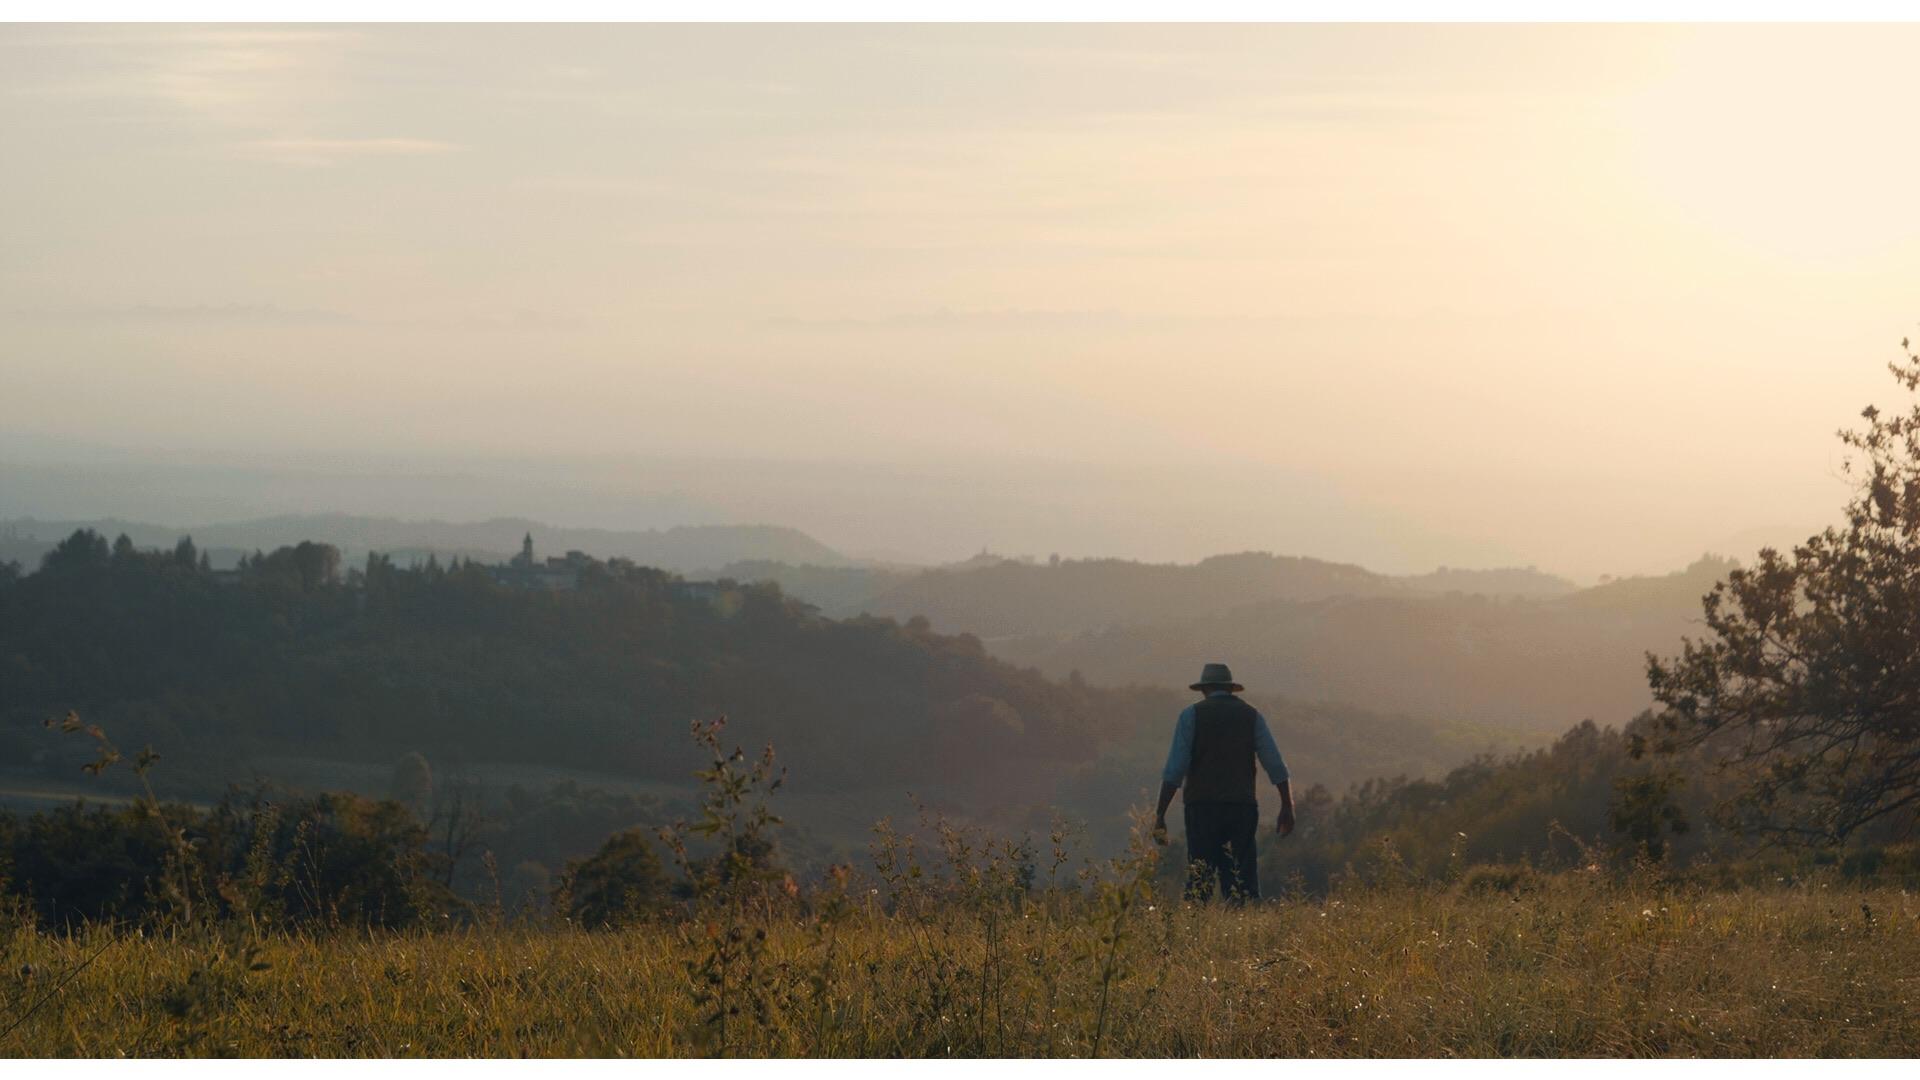 gea, ultima mucca, the last cow, short film, cortometraggio, shortsfit, shortsfit distribucion, collettivo asterisco